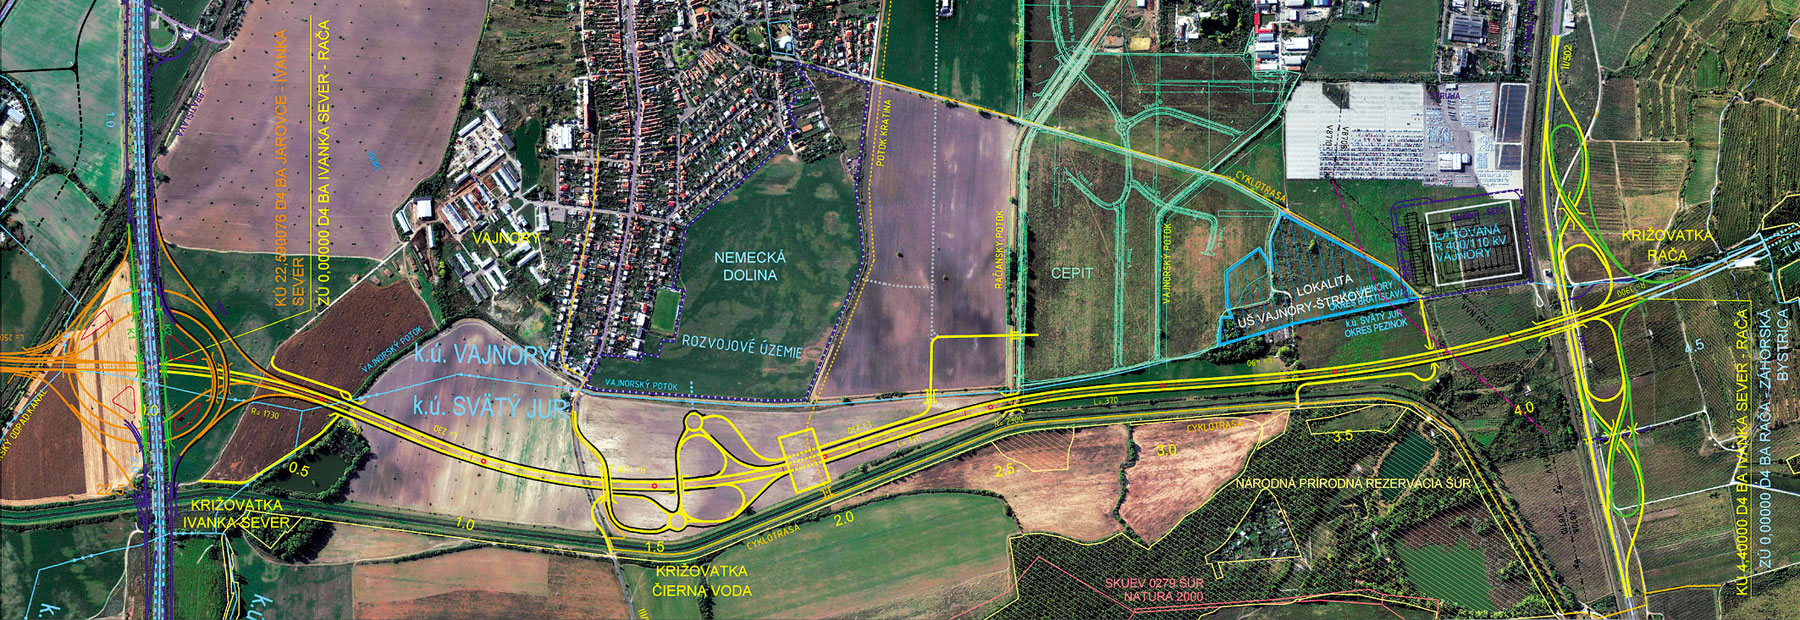 Obr 5 Dialnica D4  Bratislava  Ivanka sever   Raca 1